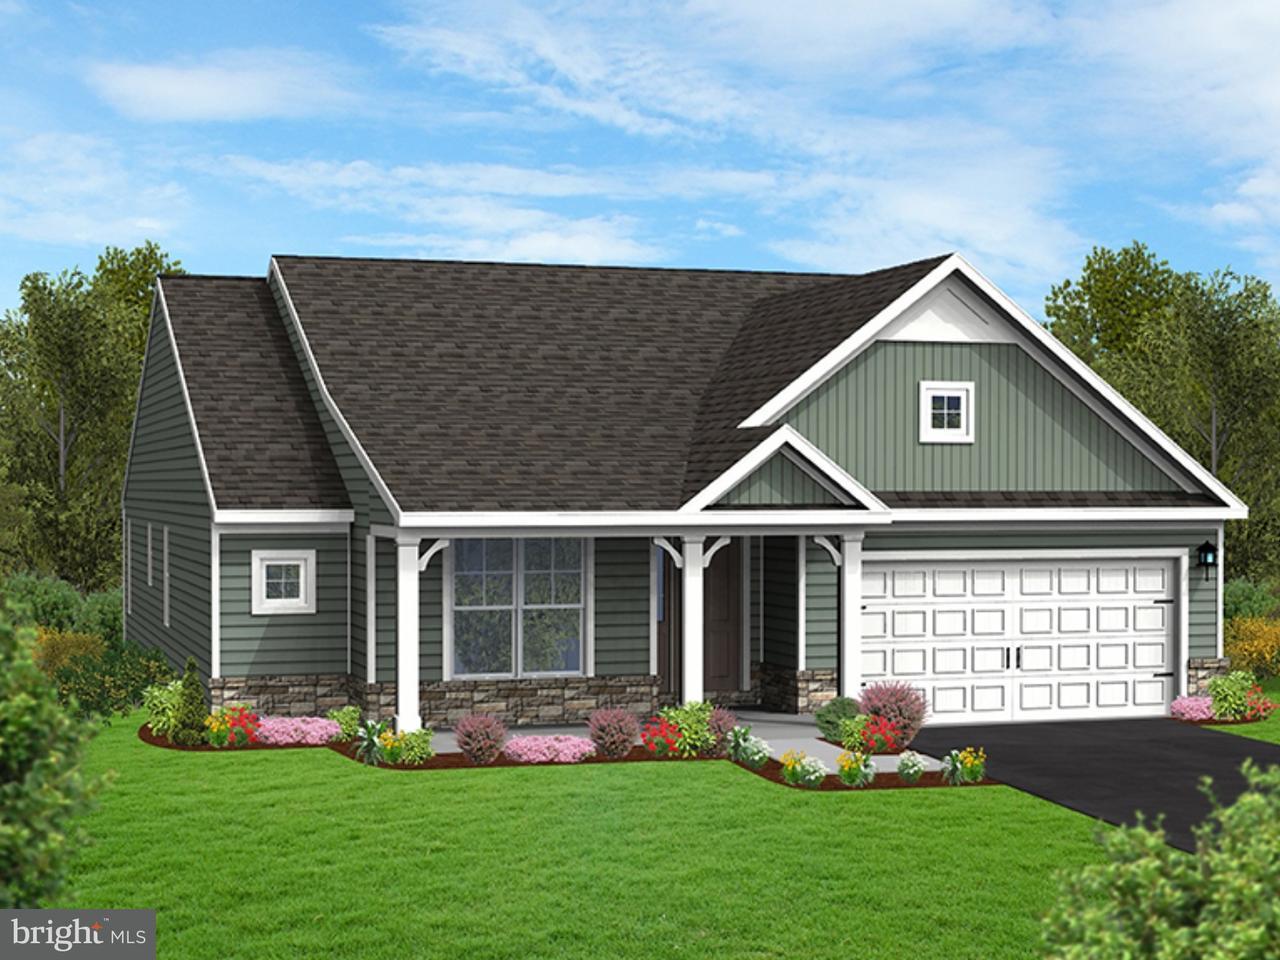 Частный односемейный дом для того Продажа на HAZEL Court Lebanon, Пенсильвания 17042 Соединенные Штаты